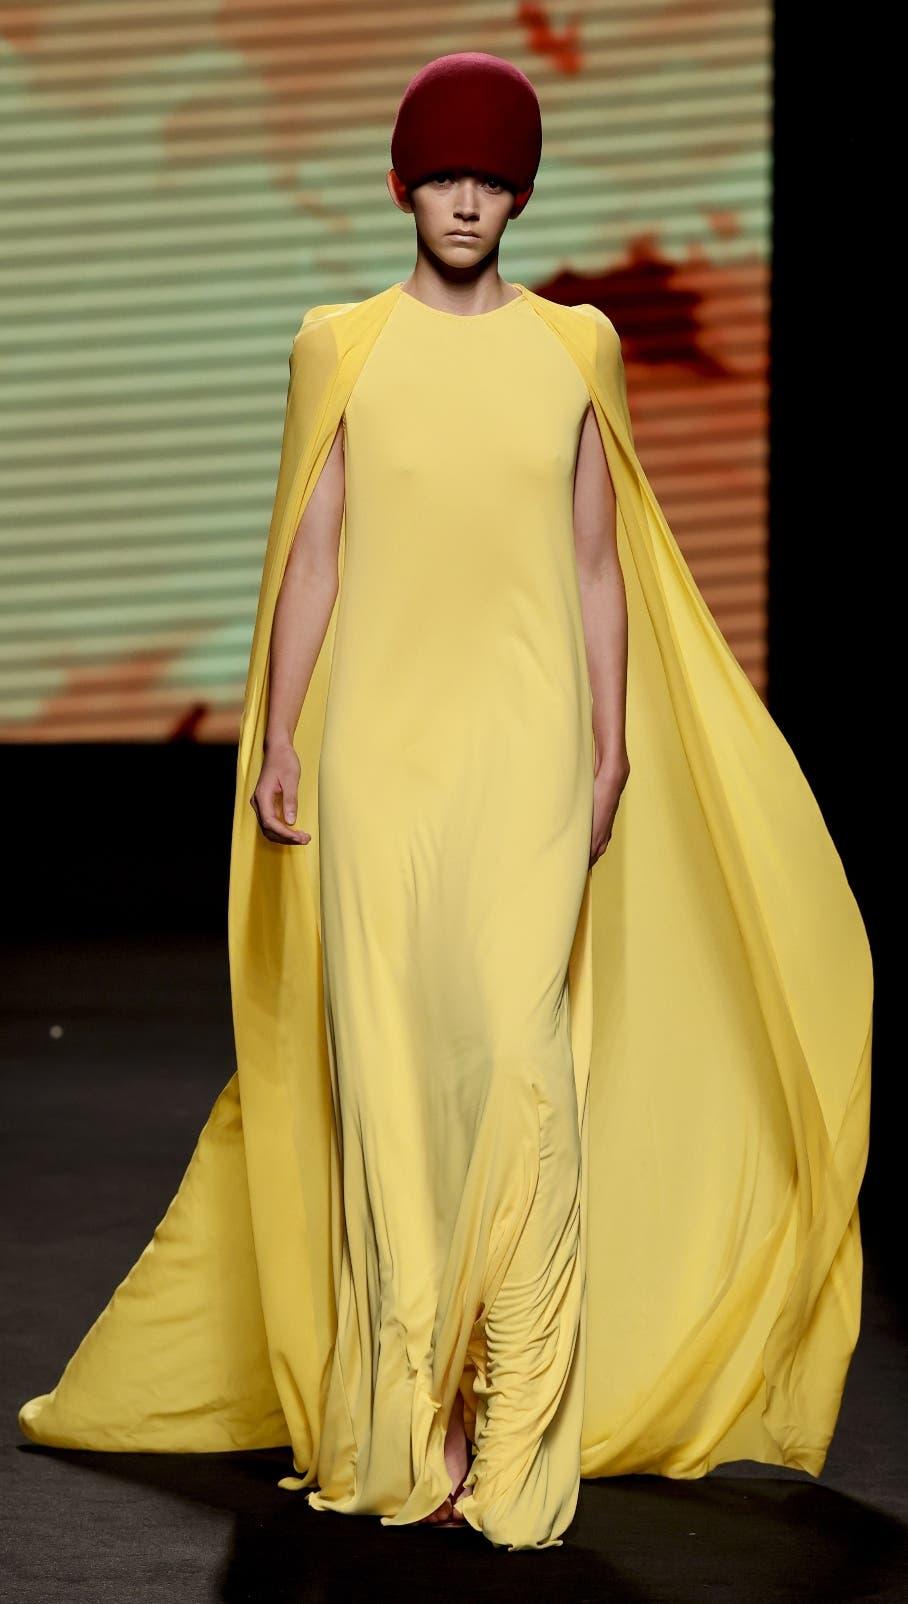 Moda 2022; Pasarela desde Berlín a Madrid